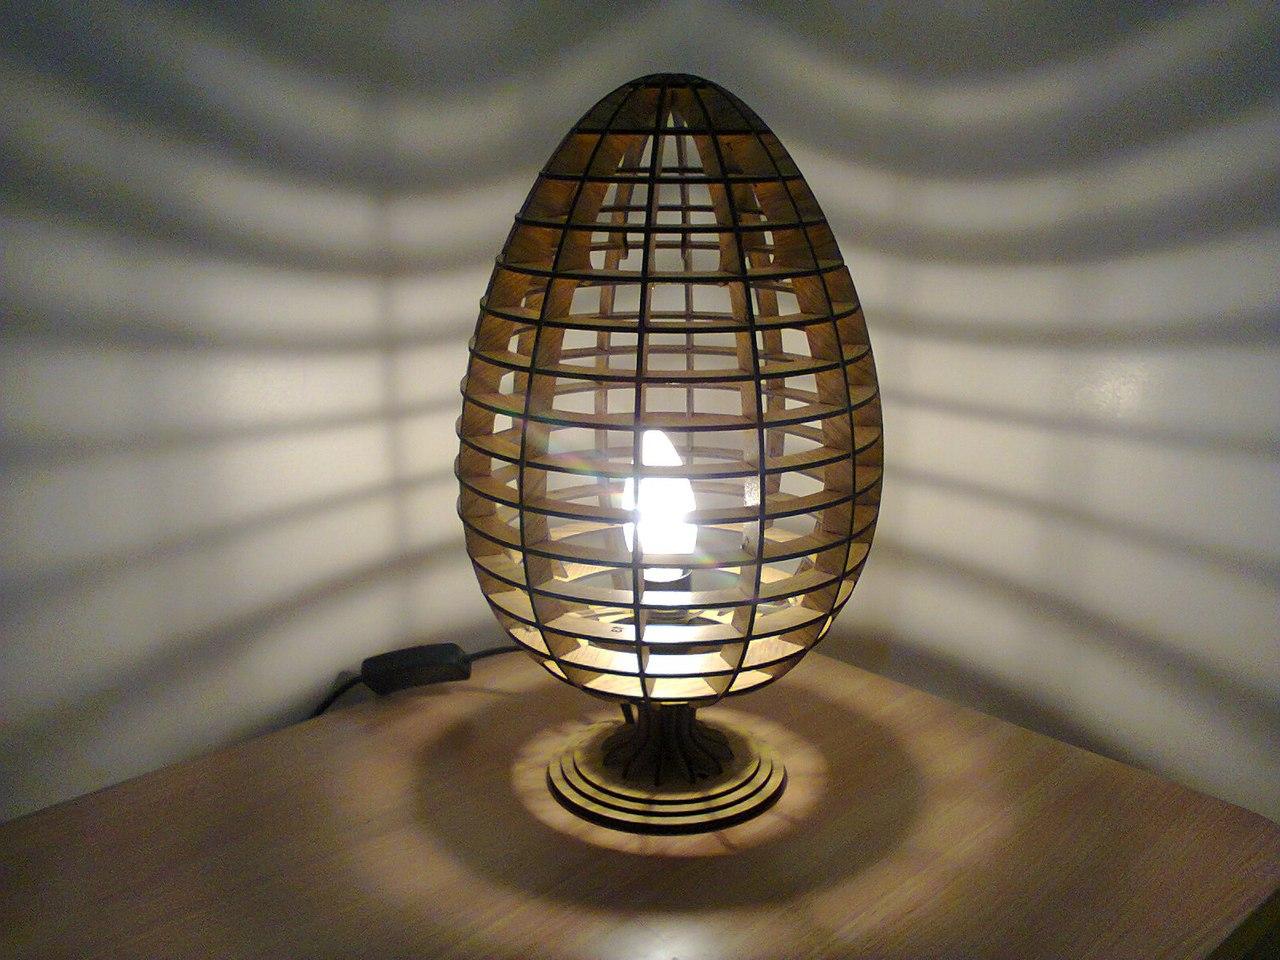 Lampa Smert Koscheeva Free Vector Cdr